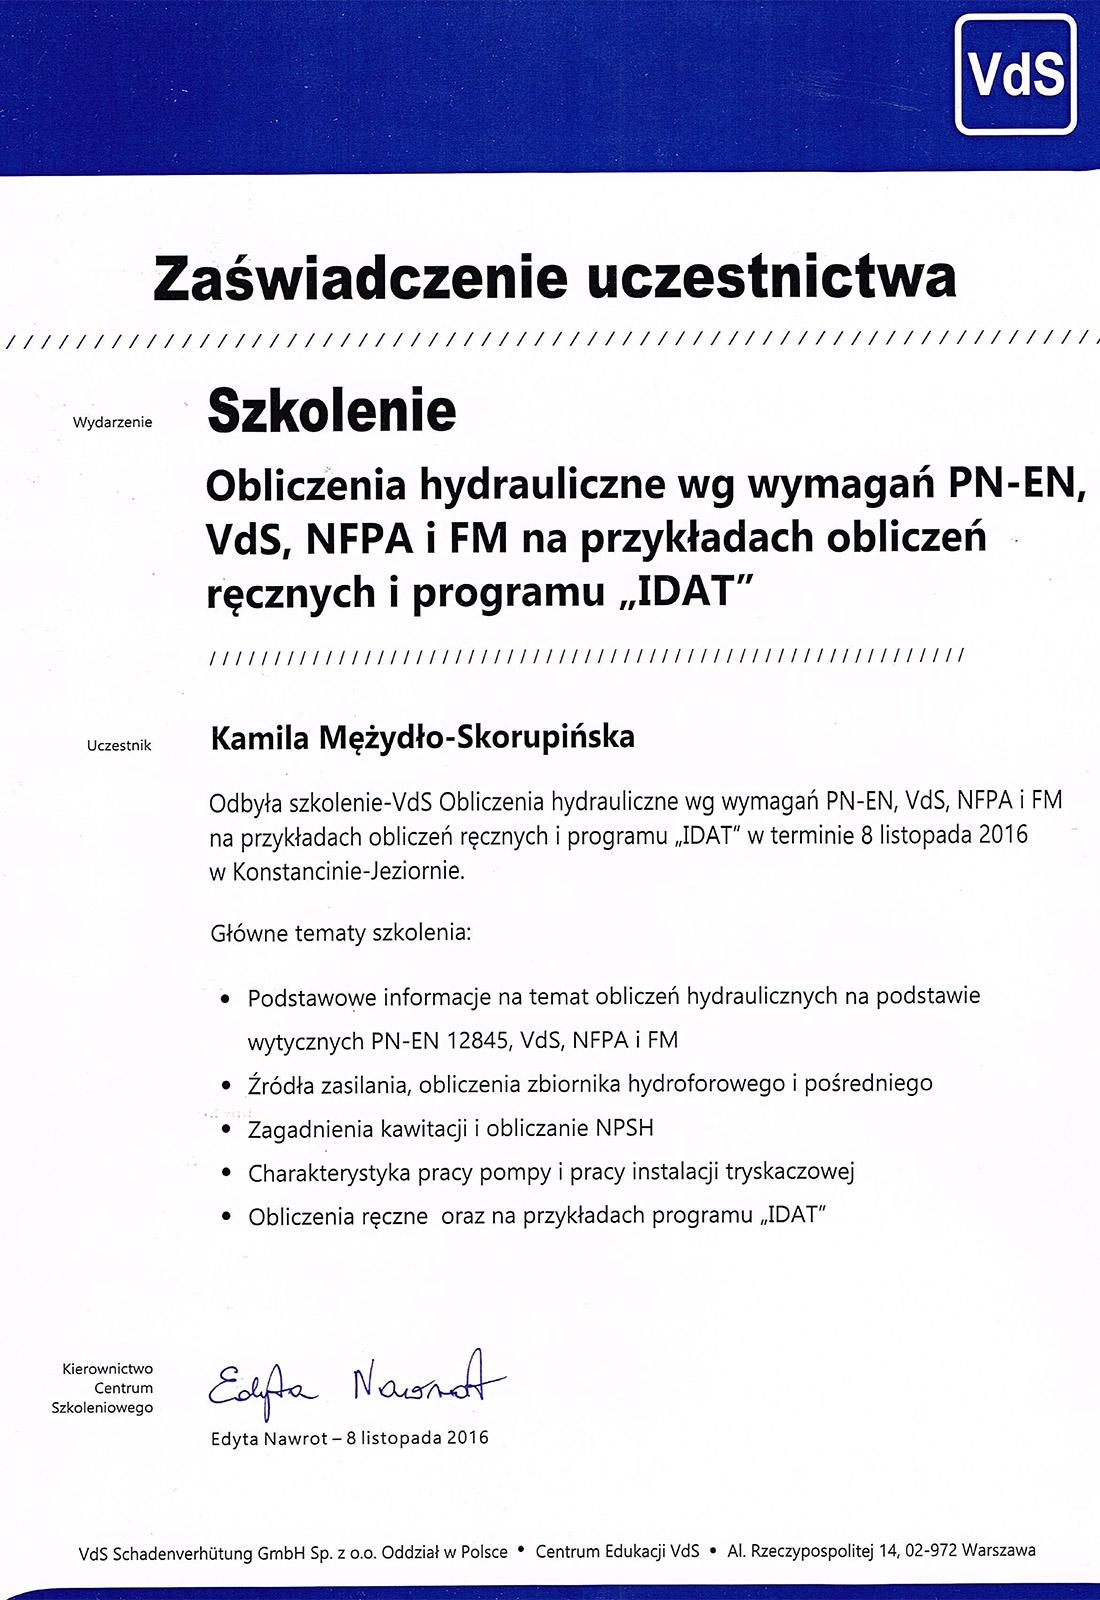 certyfikaty_2016_obliczenia-hydrauliczne_kms_pl